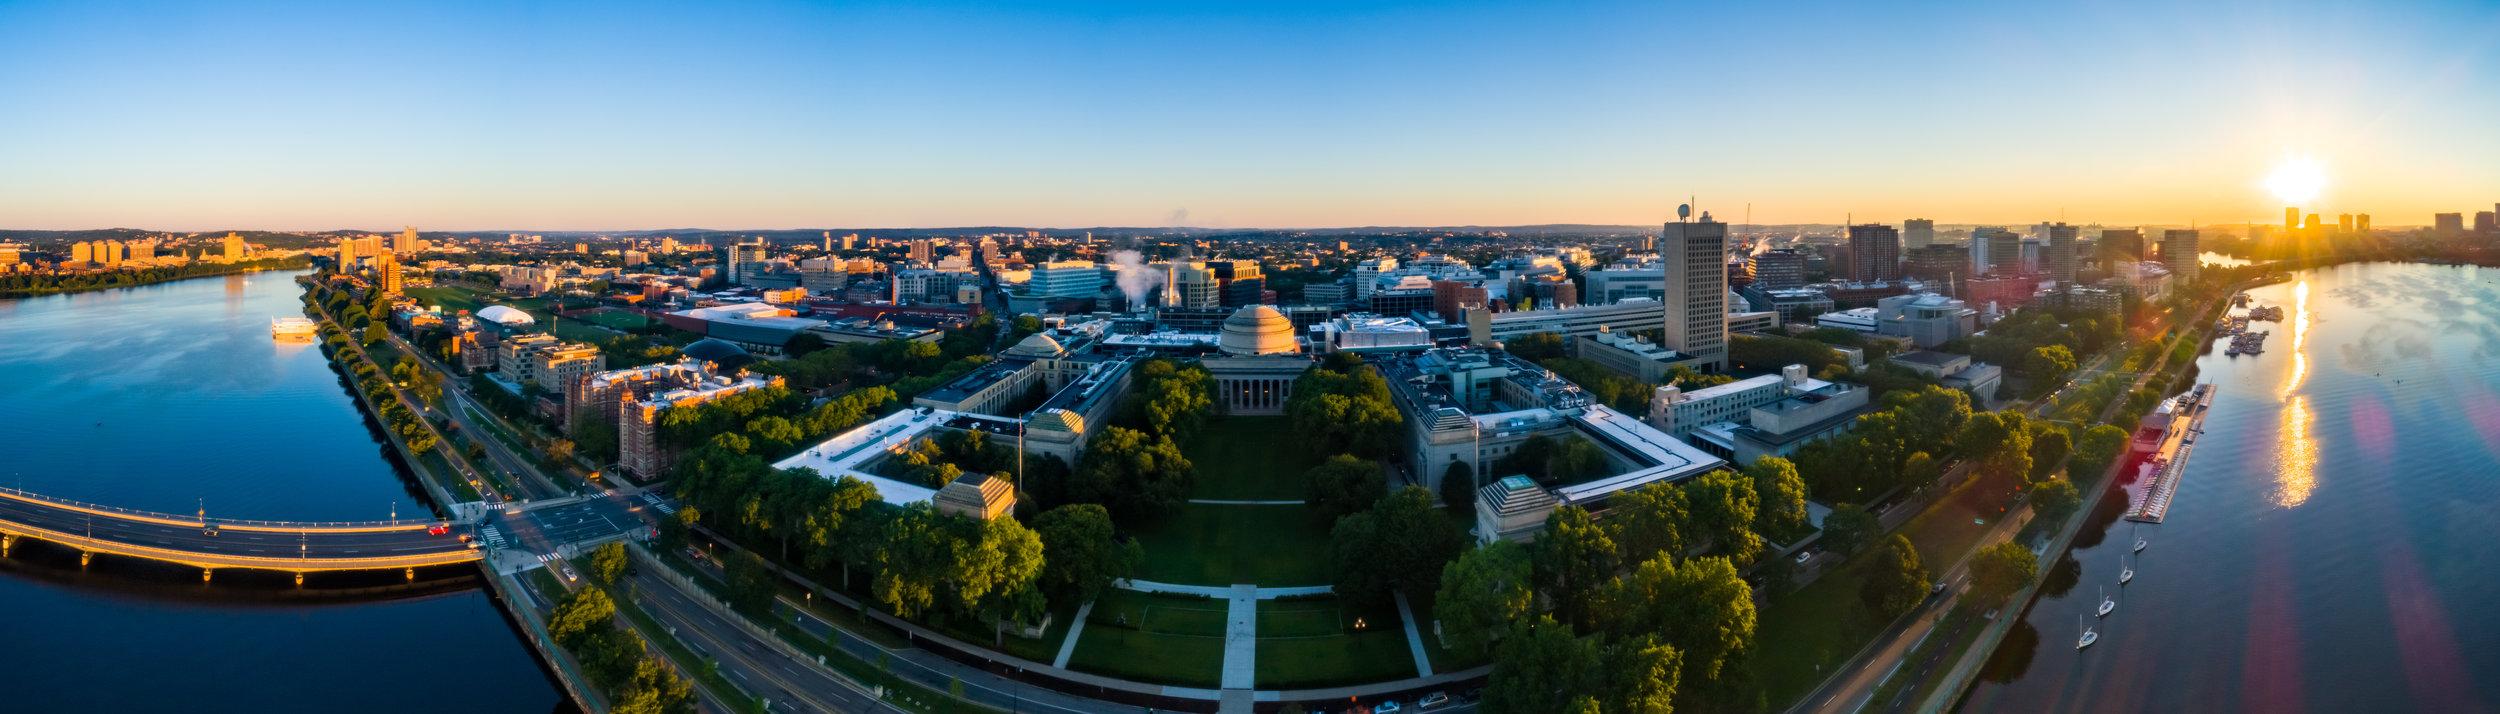 MIT: Cambridge, MA